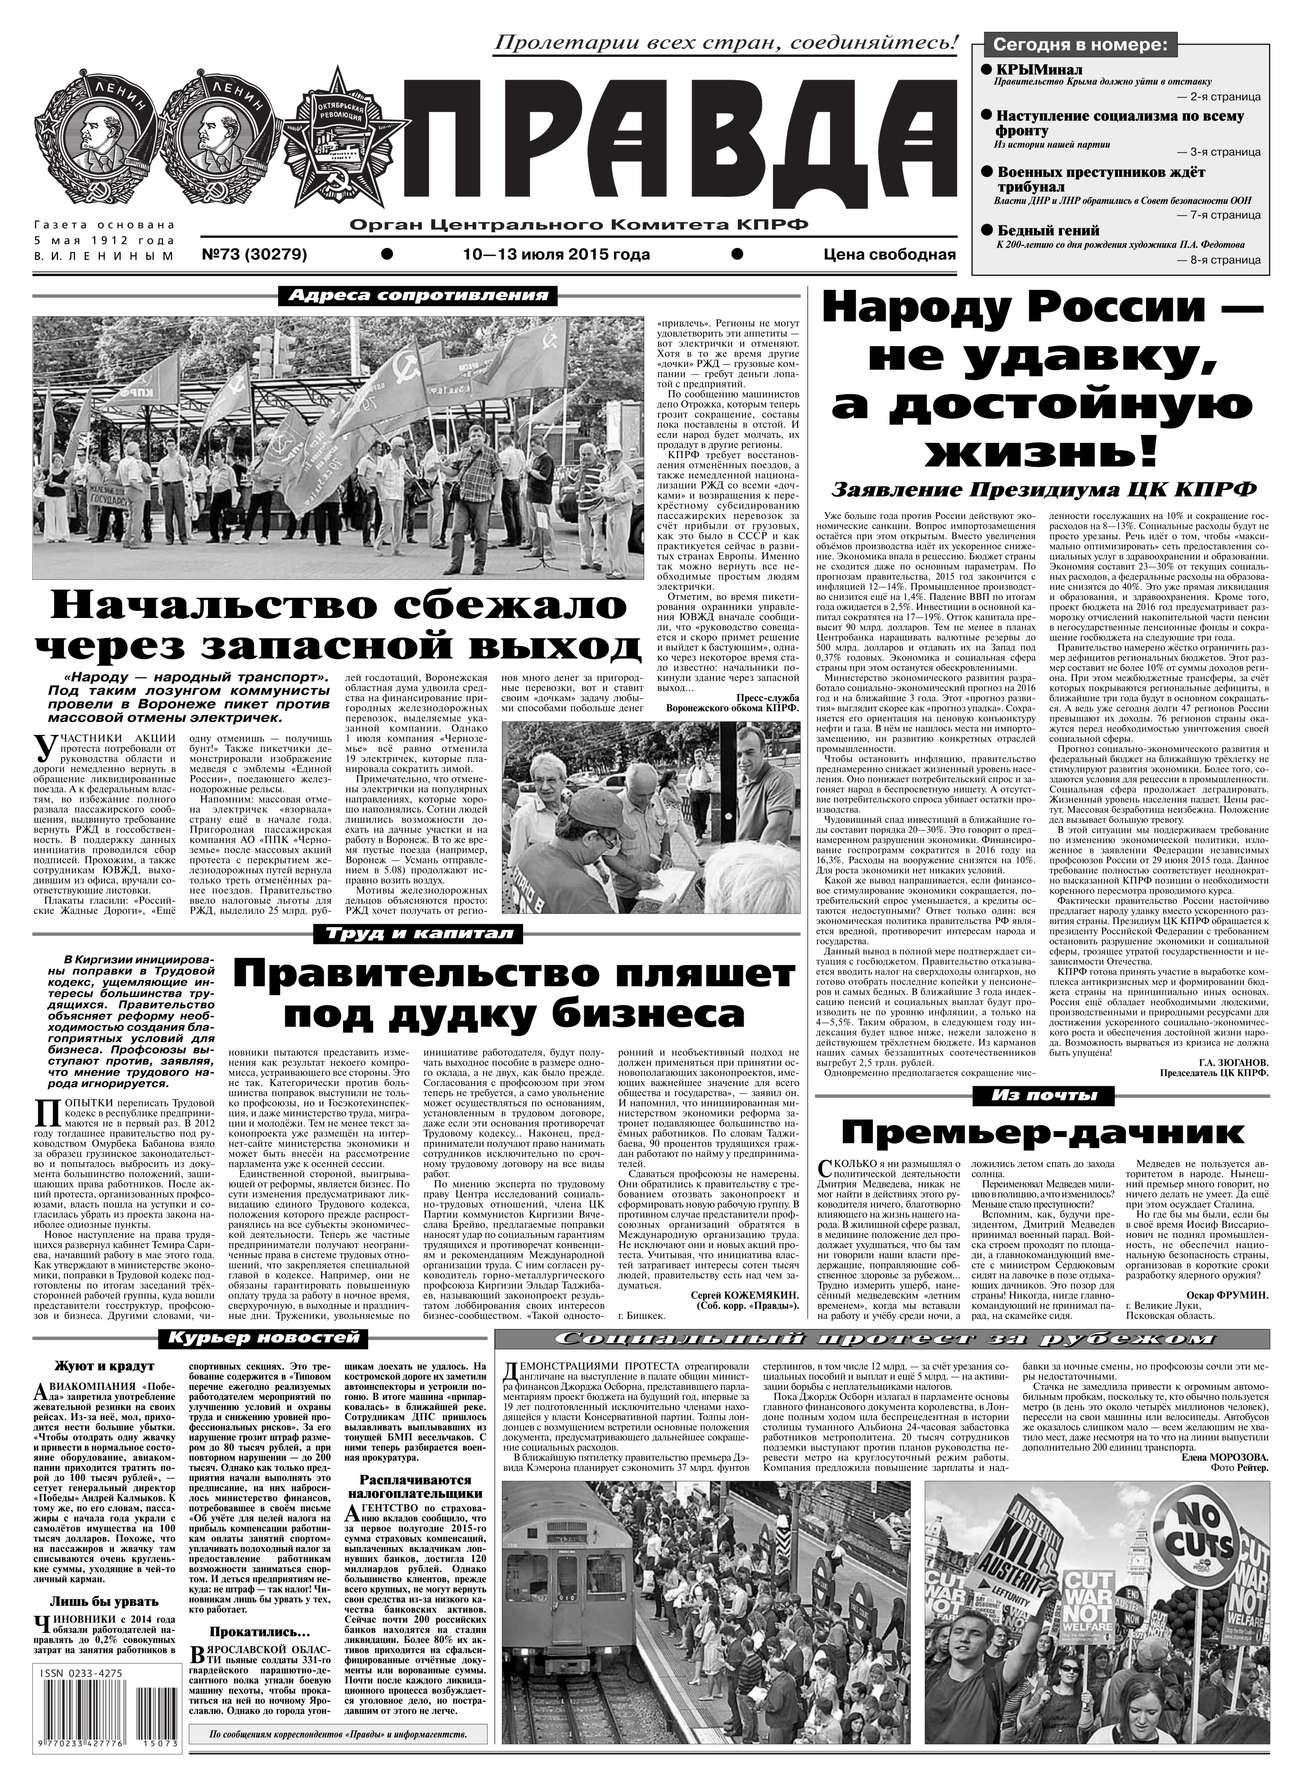 Редакция газеты Правда Правда 73-2015